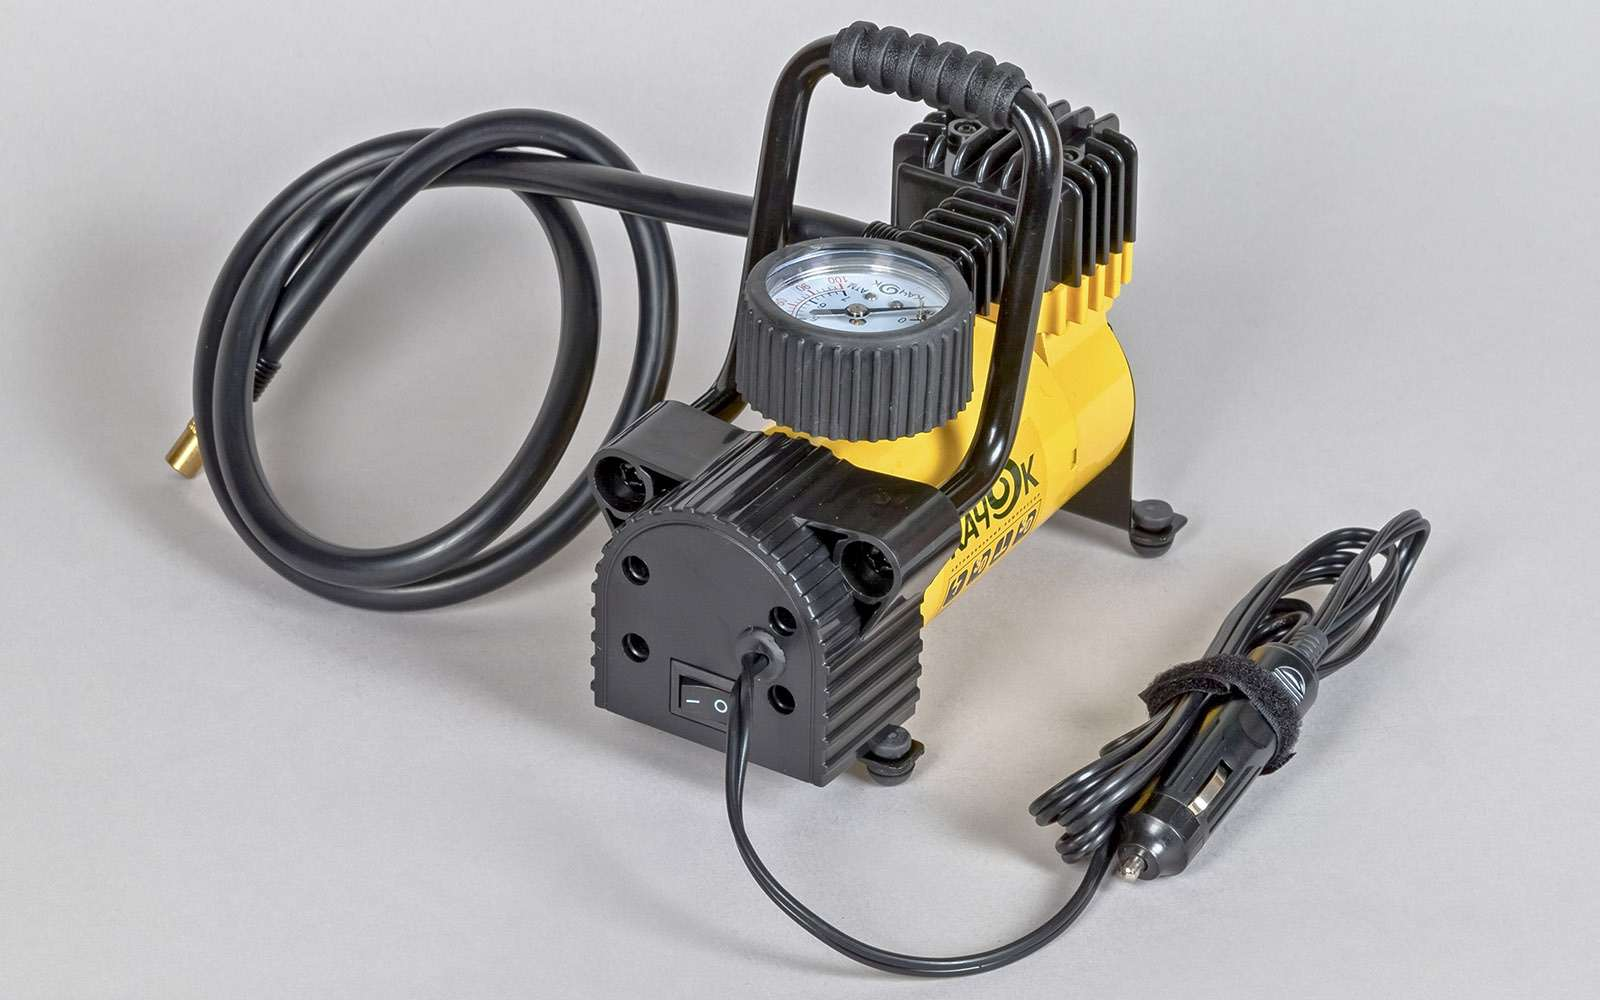 Тест бюджетных шинных компрессоров: неправильные пчелы— фото 708491